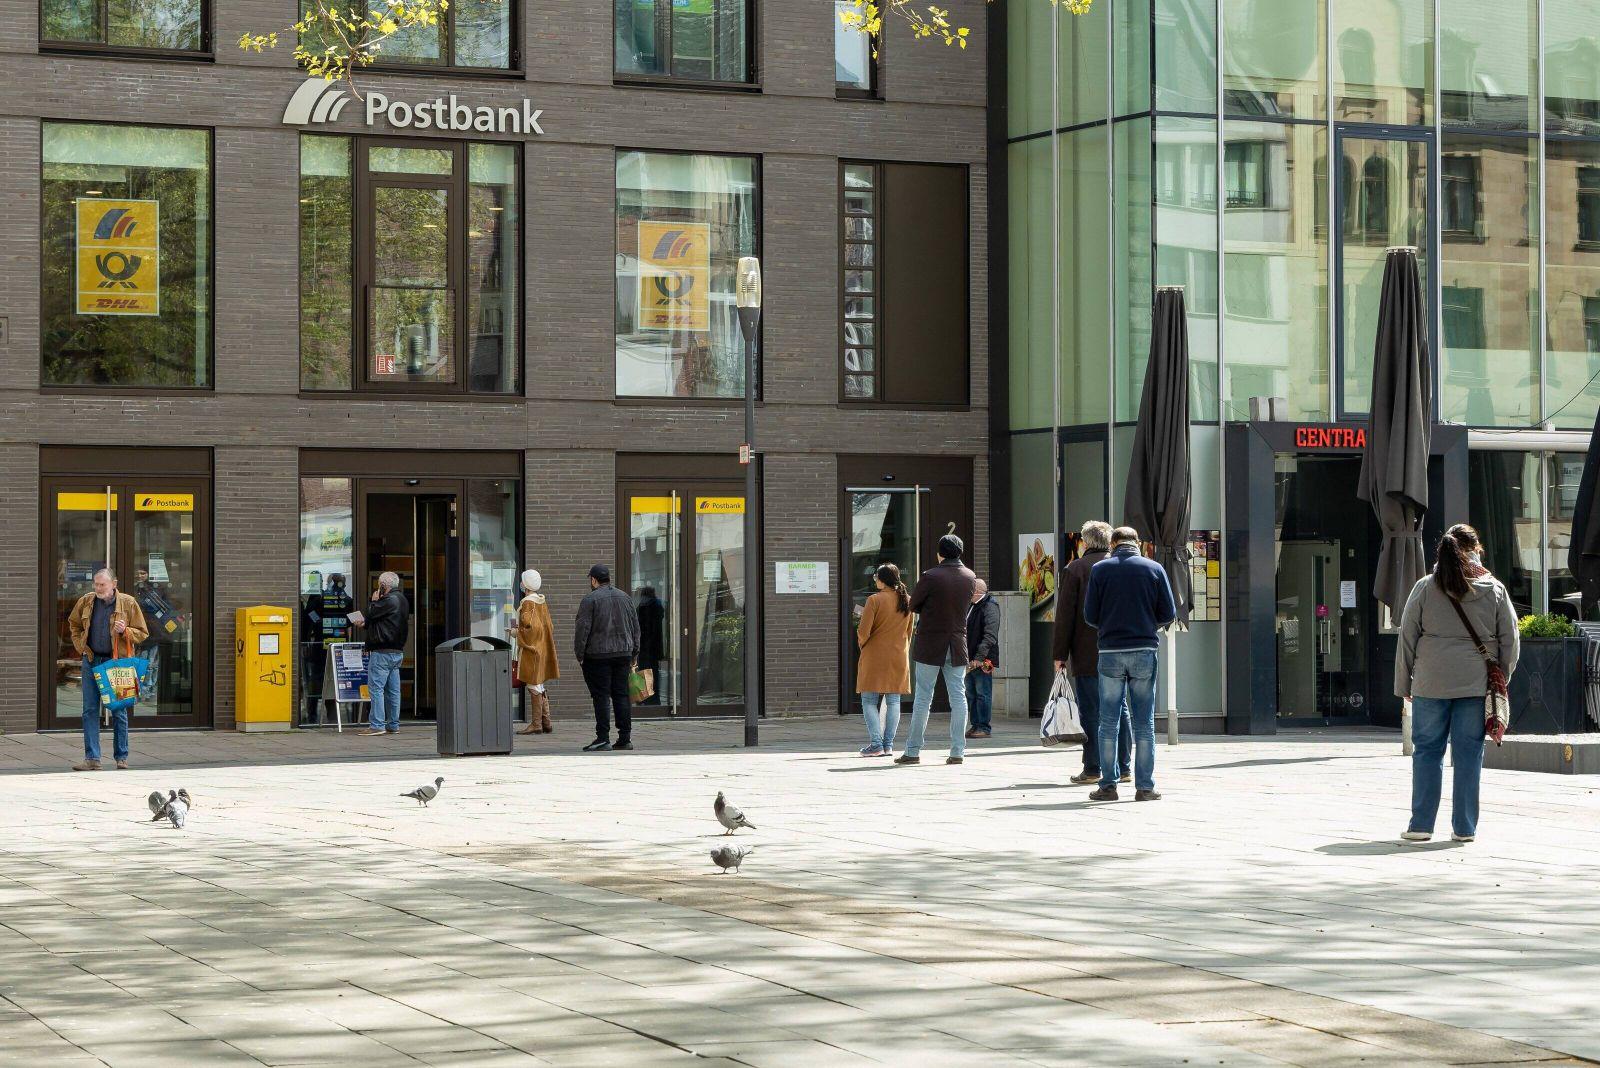 Wiesbaden, 14.04.2020, Wiesbaden, Shut down in Wiesbaden. Das Corona-Virus legt die Landeshauptstadt von Hessen lahm. Di